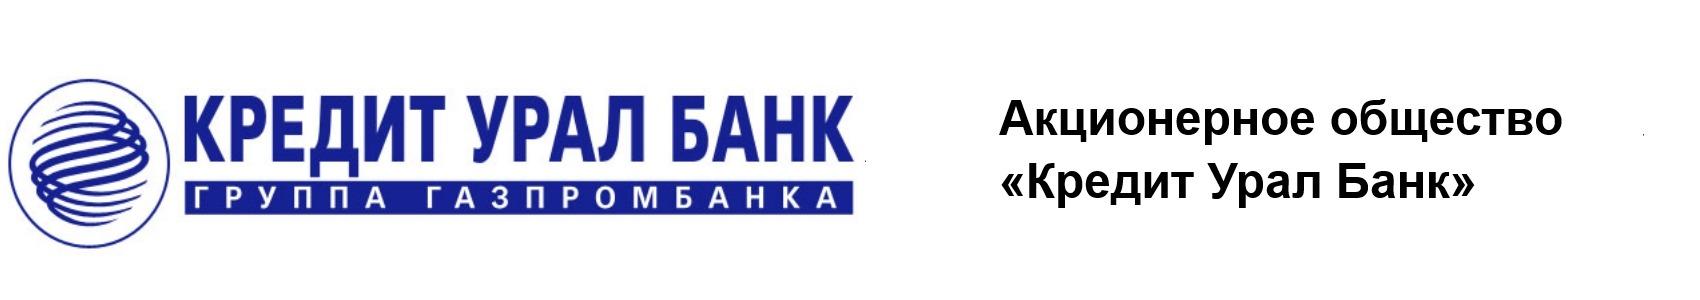 Бинбанк в Новосибирске - отделения и банкоматы